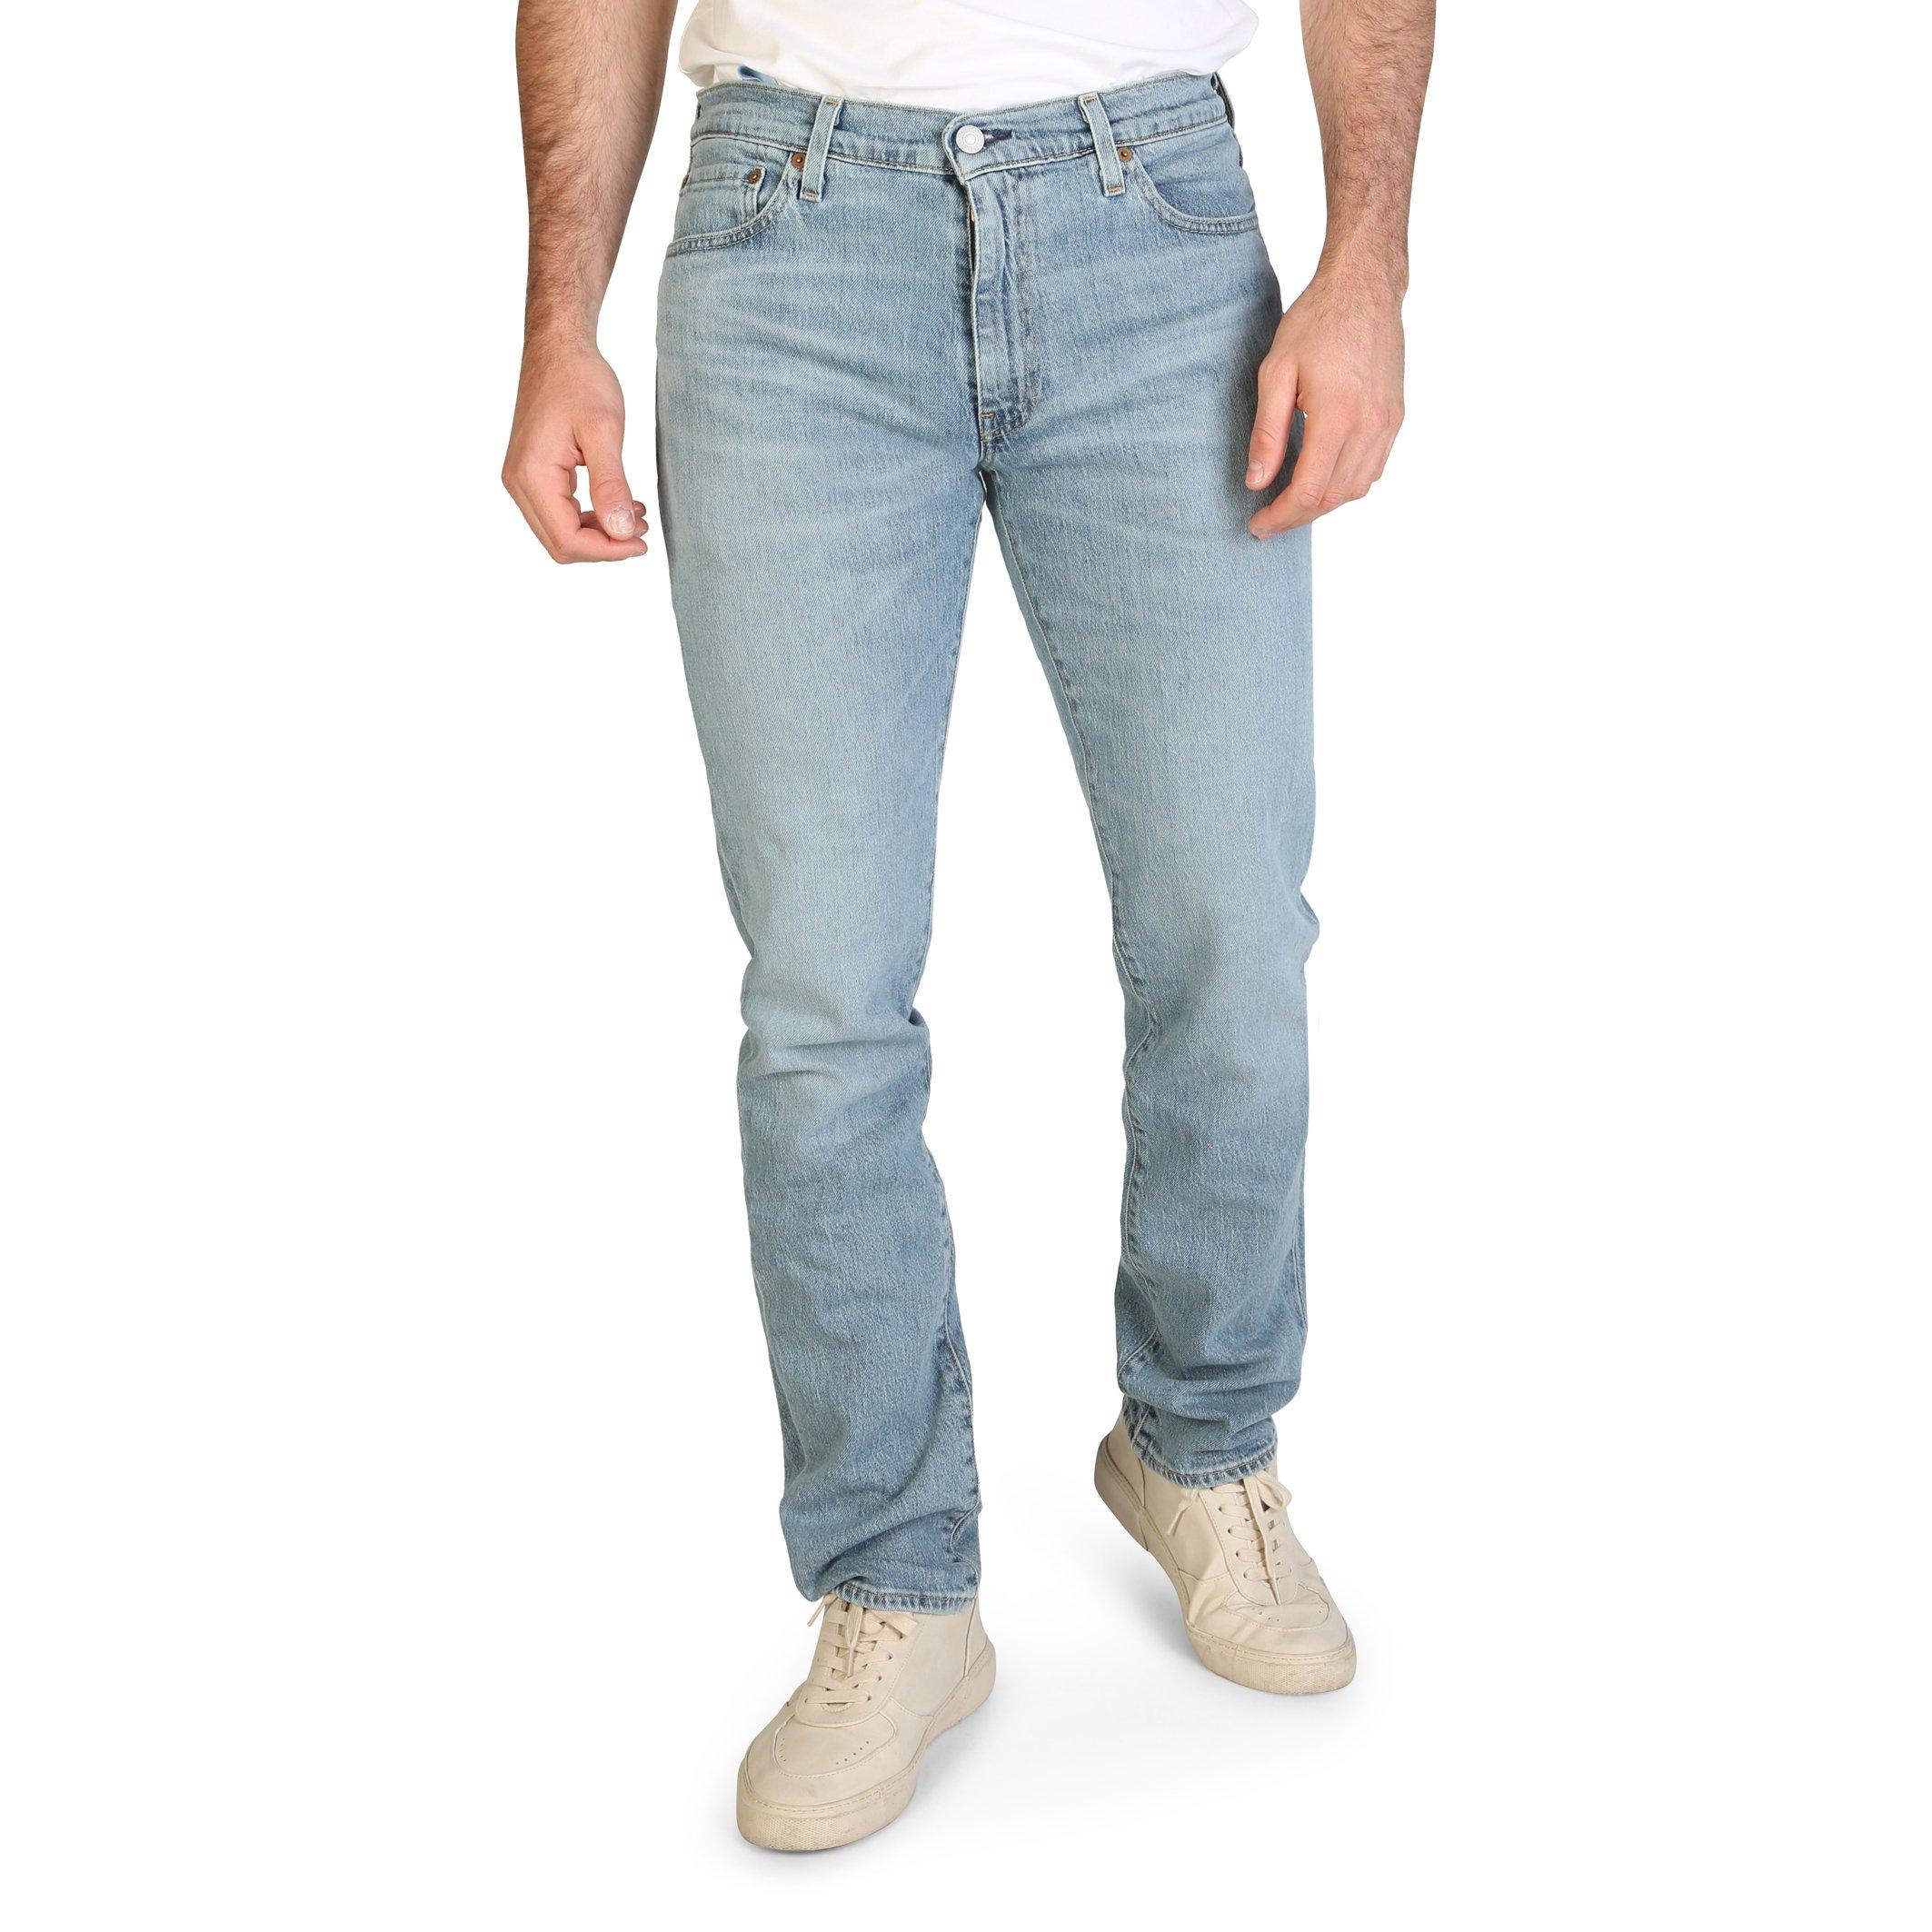 Levis Men's Jeans Blue 511_SLIM - blue-1 31